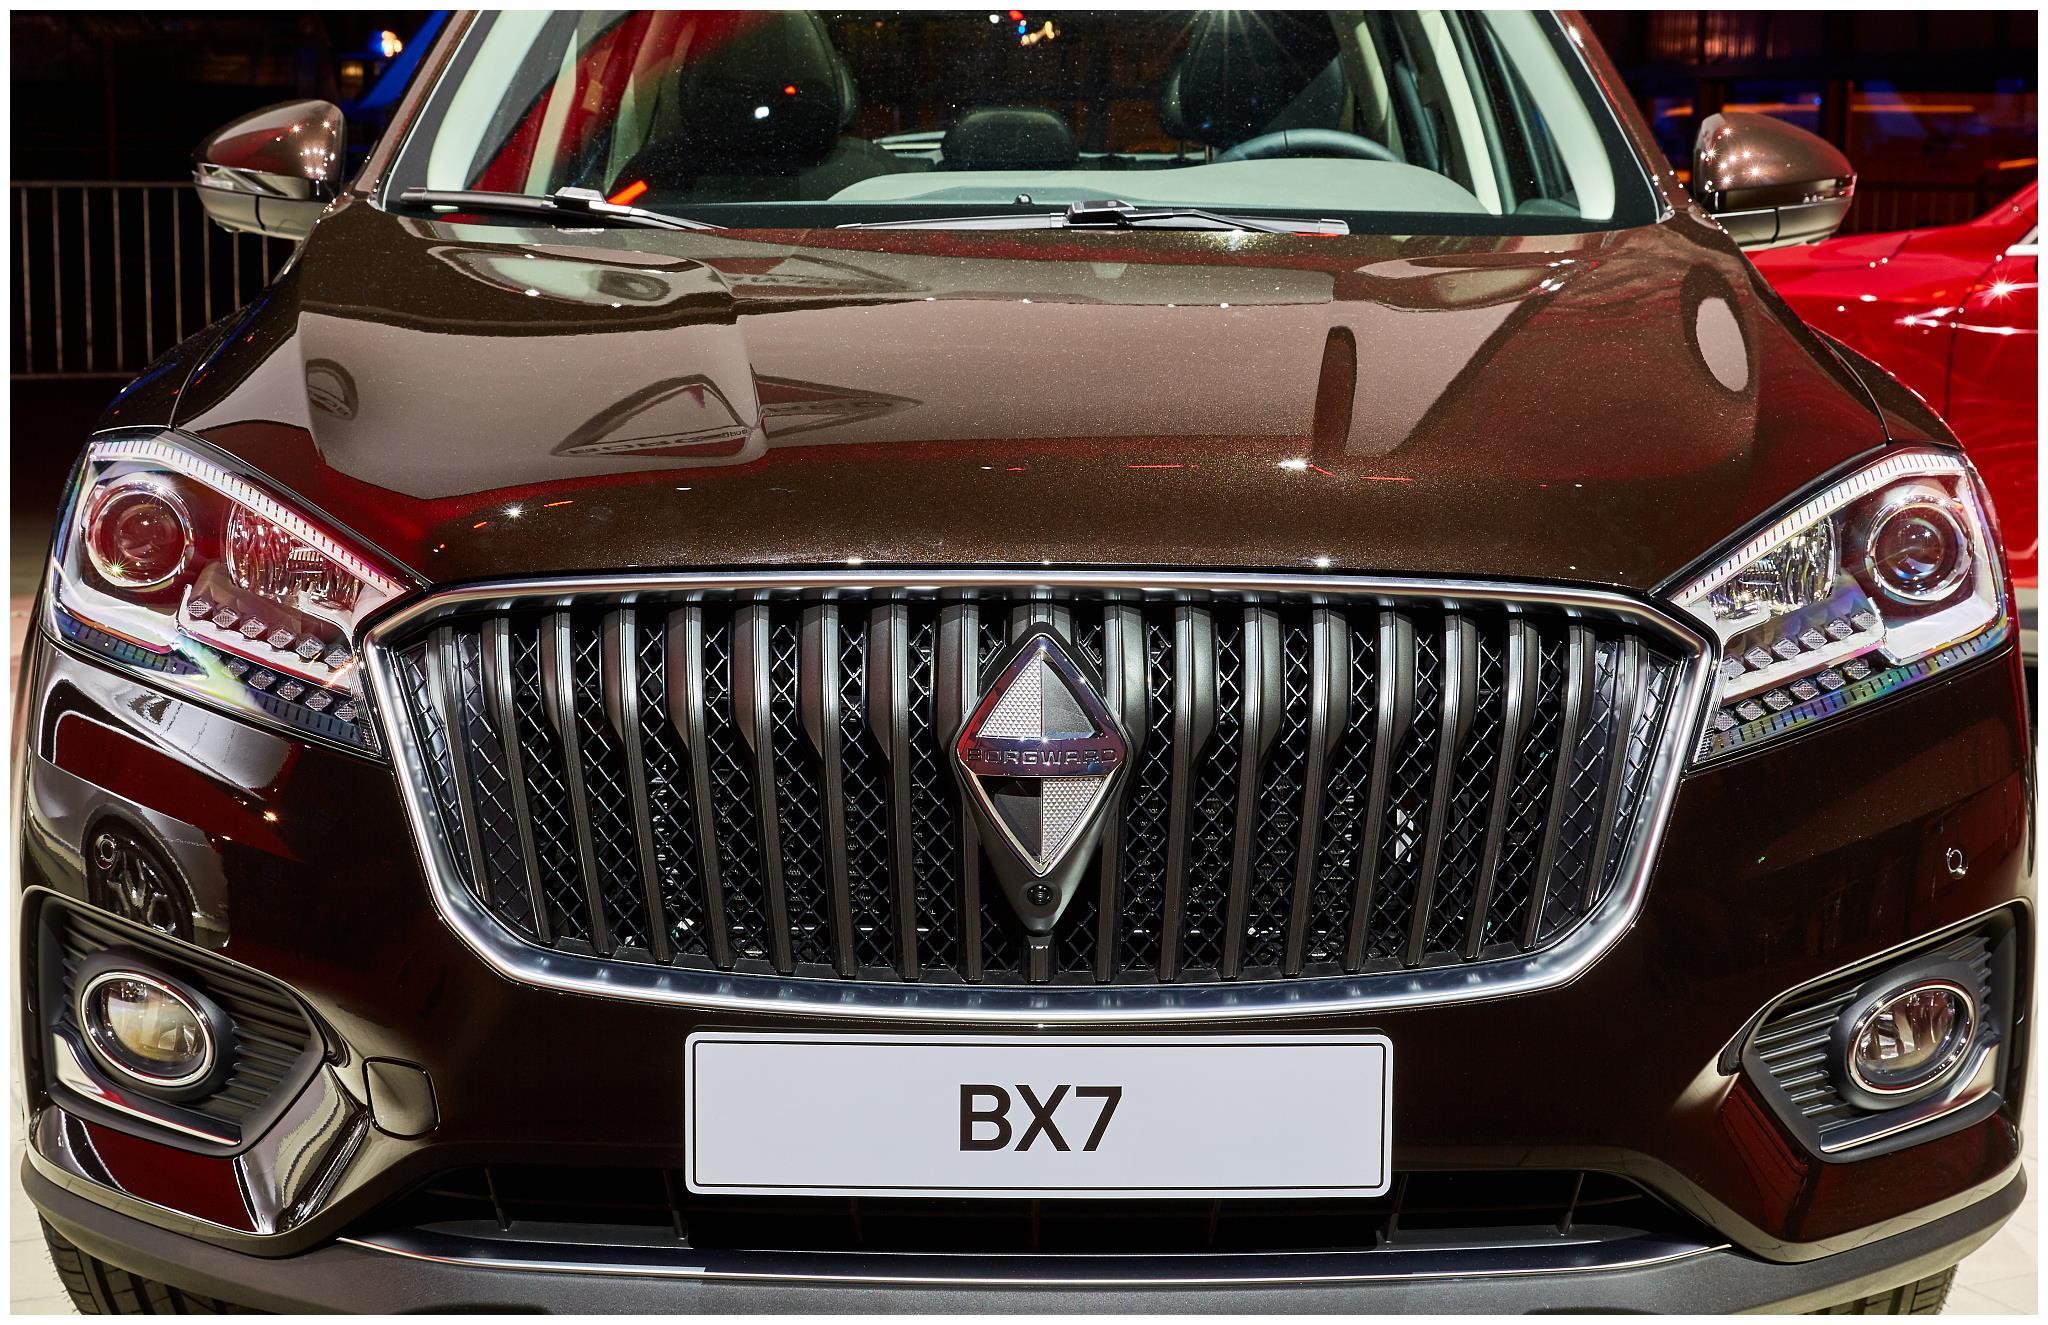 宝沃bx7外观飒立,品质出众,入手宝沃汽车需要犹豫吗